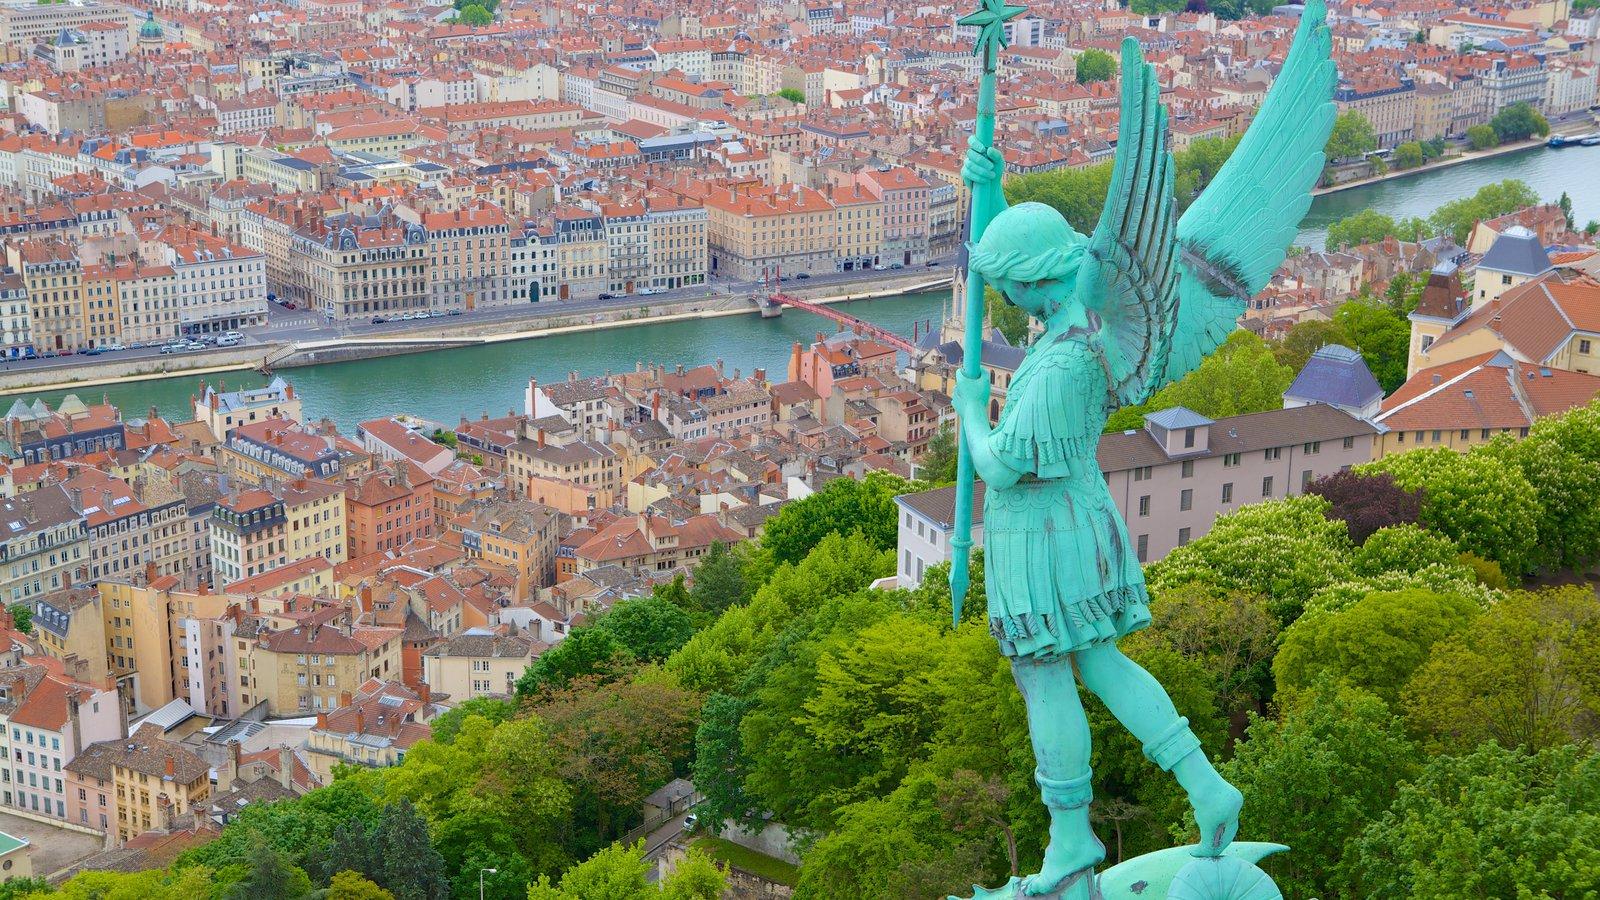 Basílica de Notre Dame que incluye una ciudad y una estatua o escultura